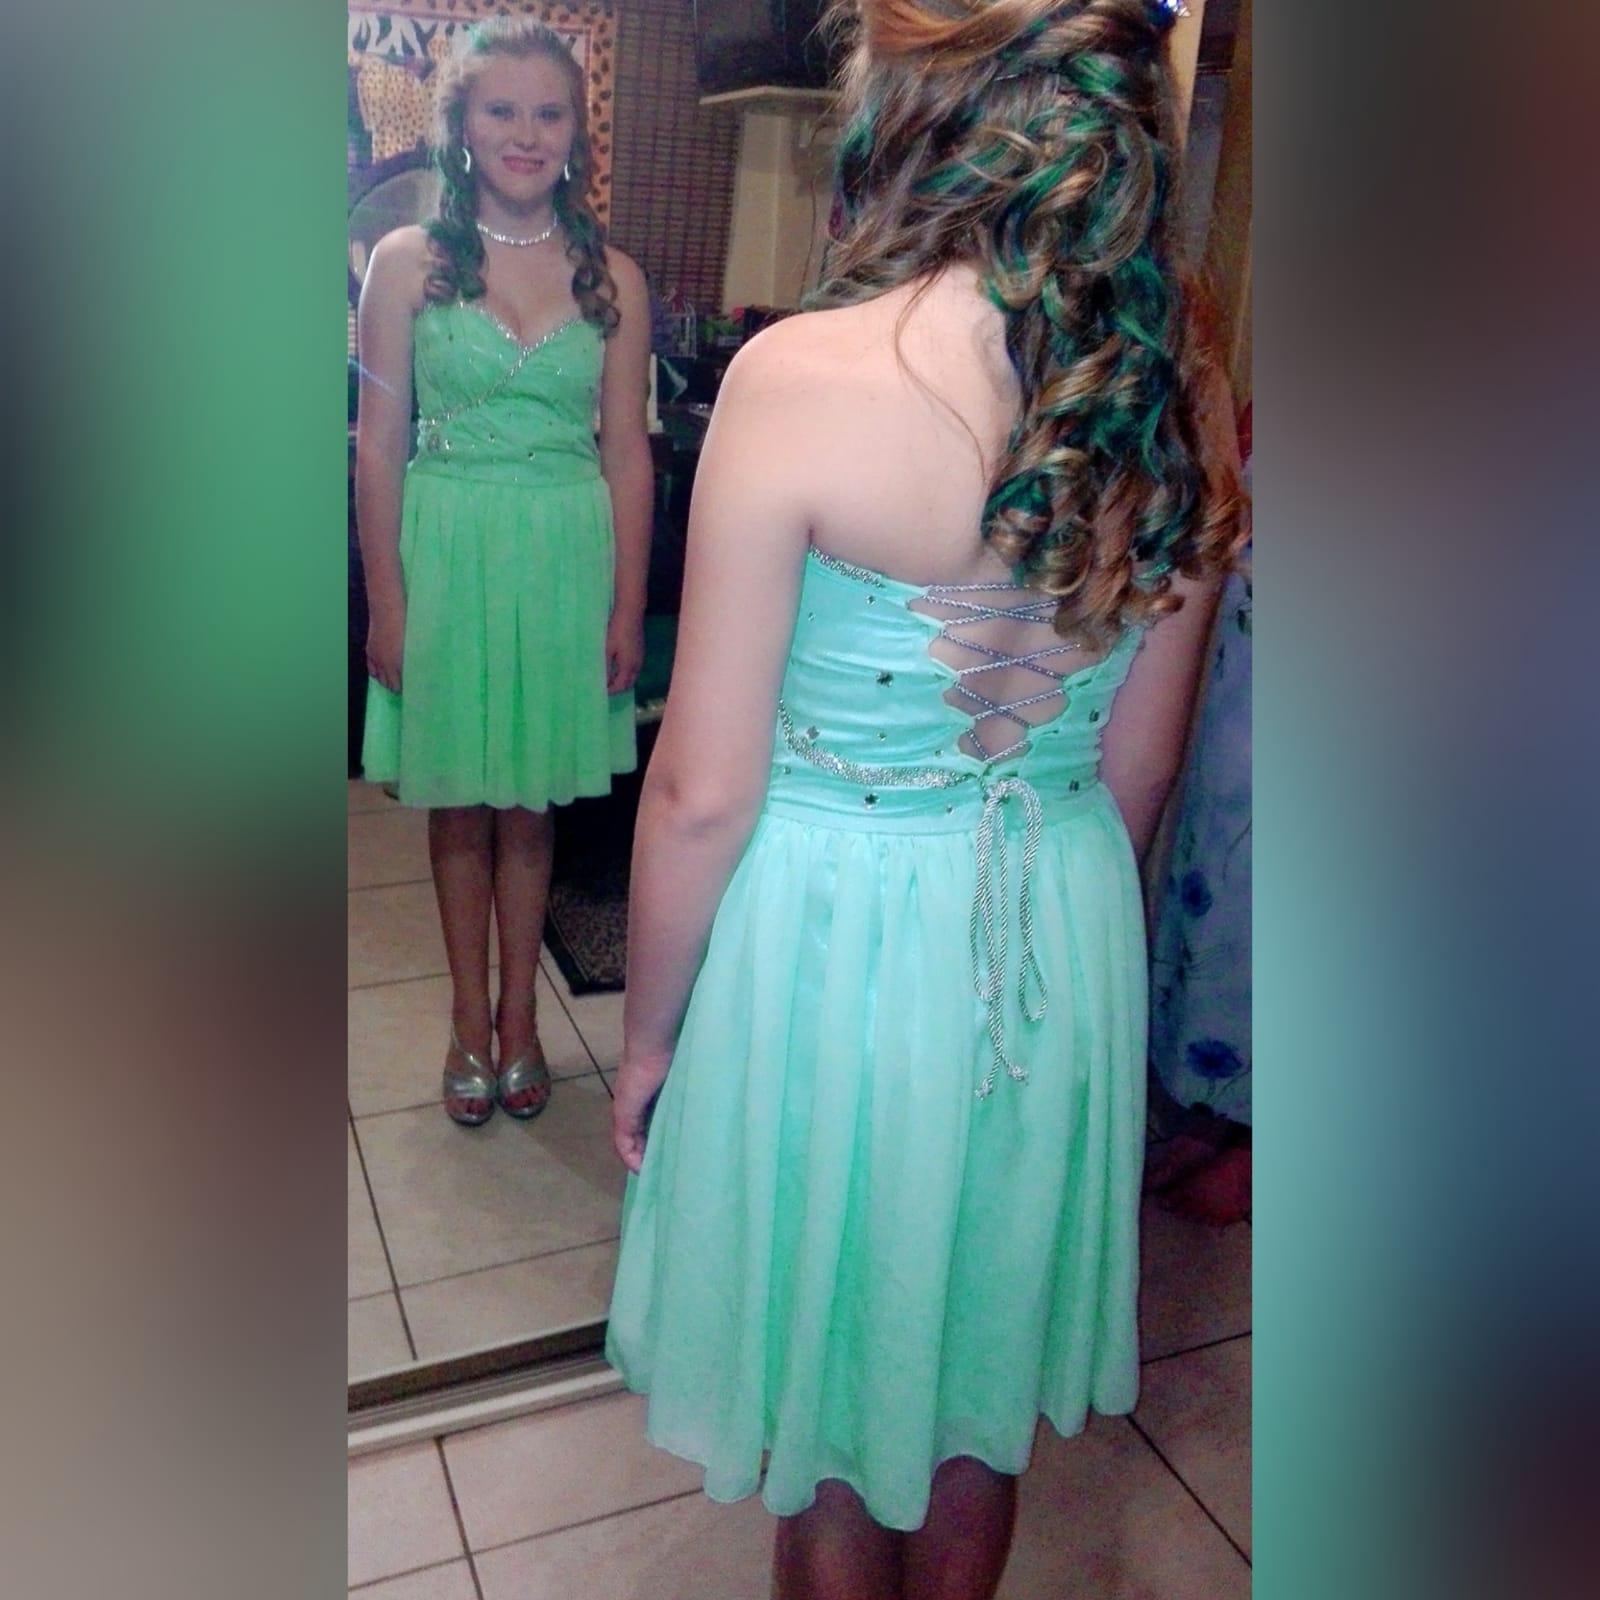 Vestido curto de finalistas cor verde menta 2 vestido curto de finalistas cor verde menta, sem ombros, com corpete decorado com pedras brilhantes cor prata. Com costas atadas.